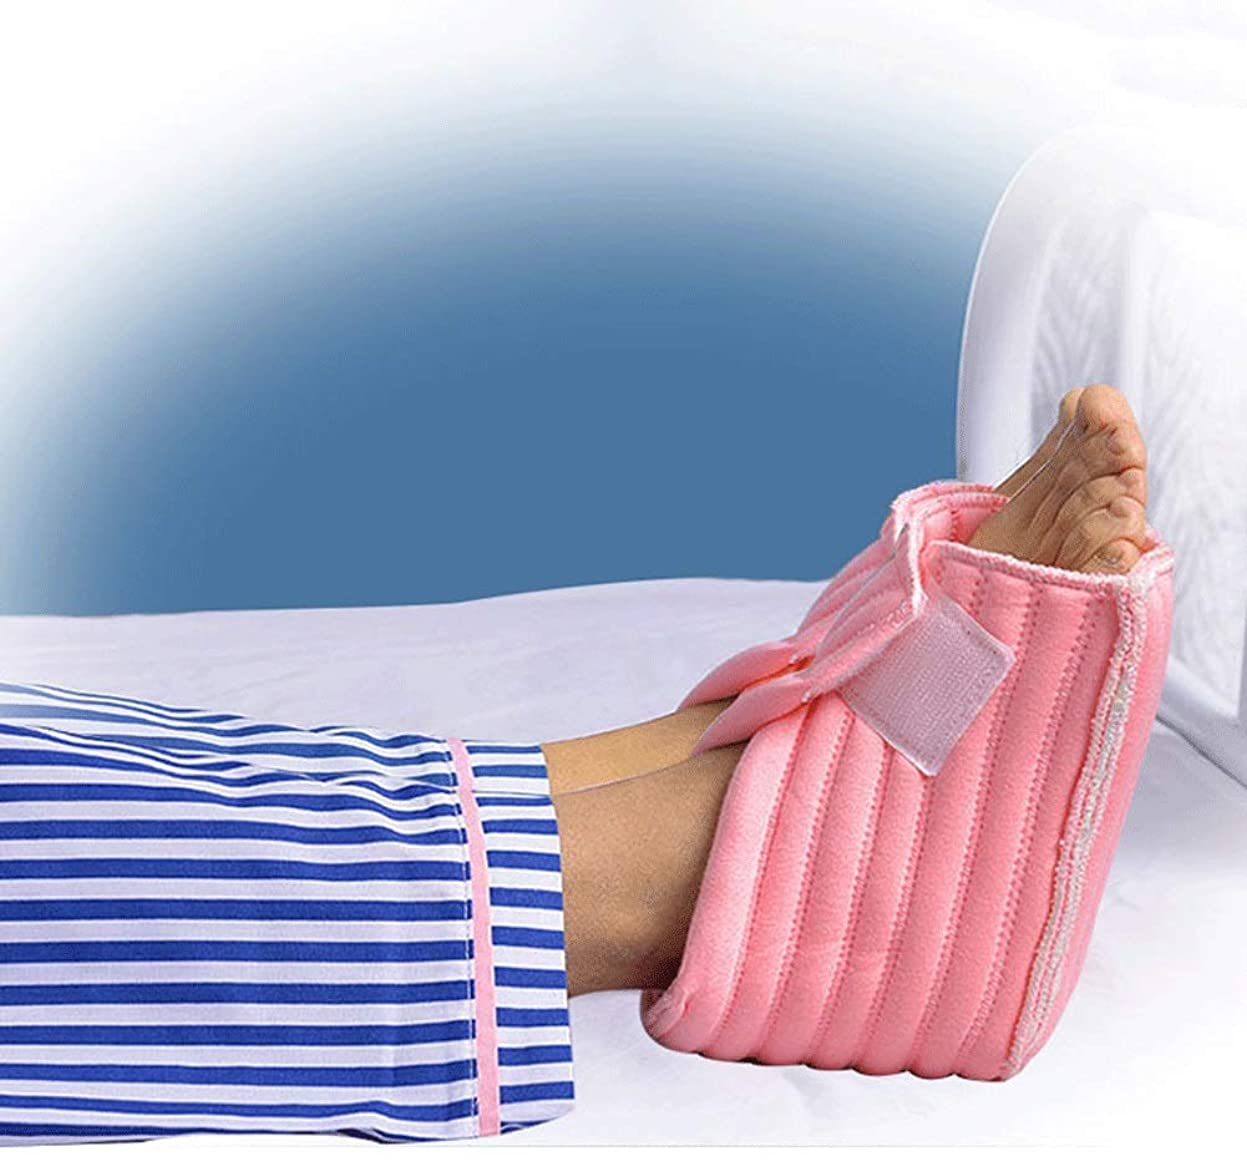 調子約束する歯科のかかとプロテクター枕、Pressure瘡の予防のための足枕かかとクッションプロテクター、高齢者の足補正カバー-ワンサイズフィットすべて、1ペア